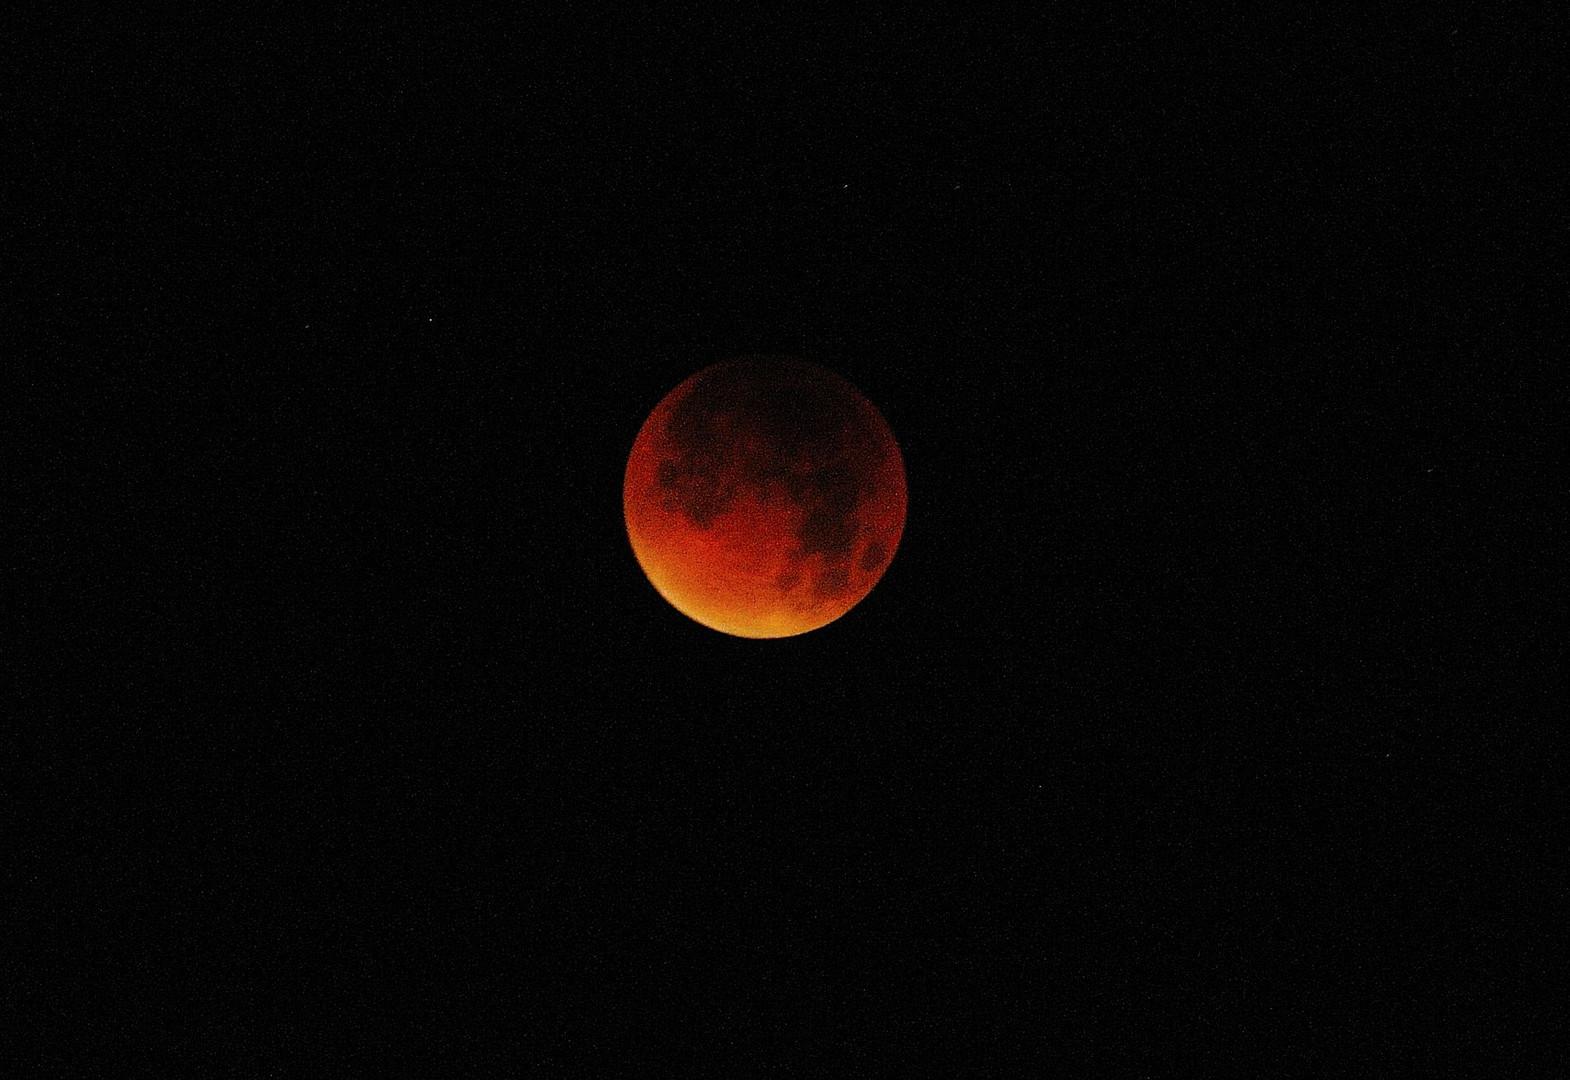 L'éclipse de la lune dans la nuit du 27 au 28 septembre à 4 h 43